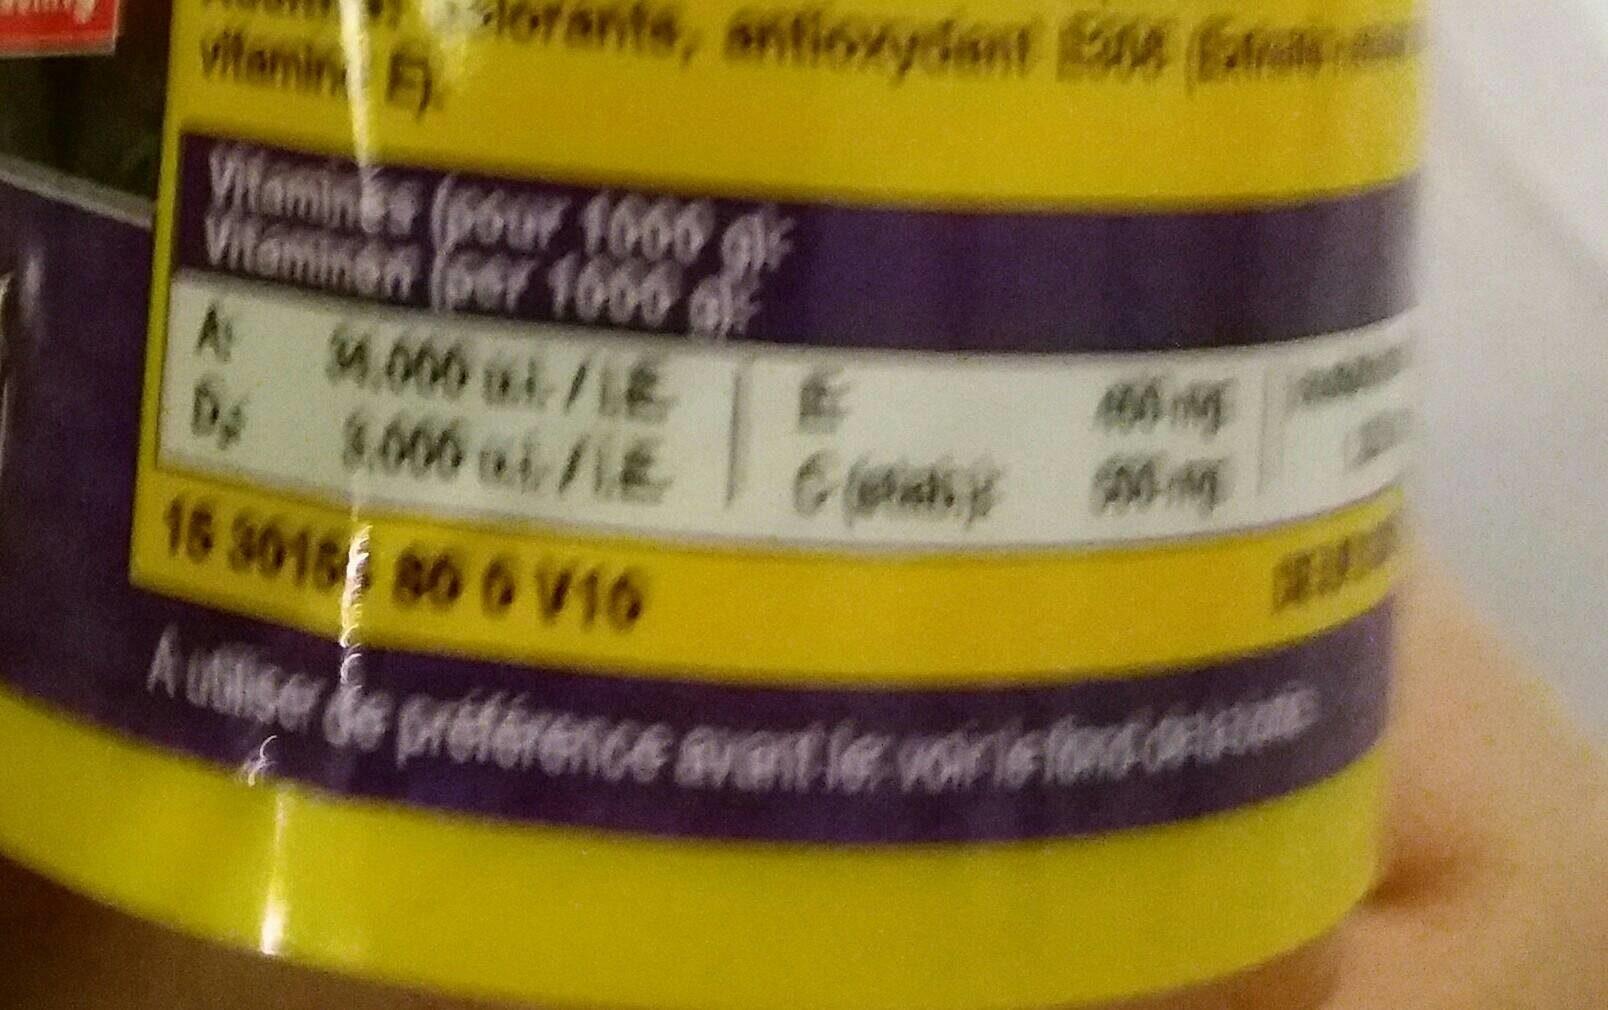 JBL Novocolor 100 ML Nourriture Poissons Colorés - Nutrition facts - fr